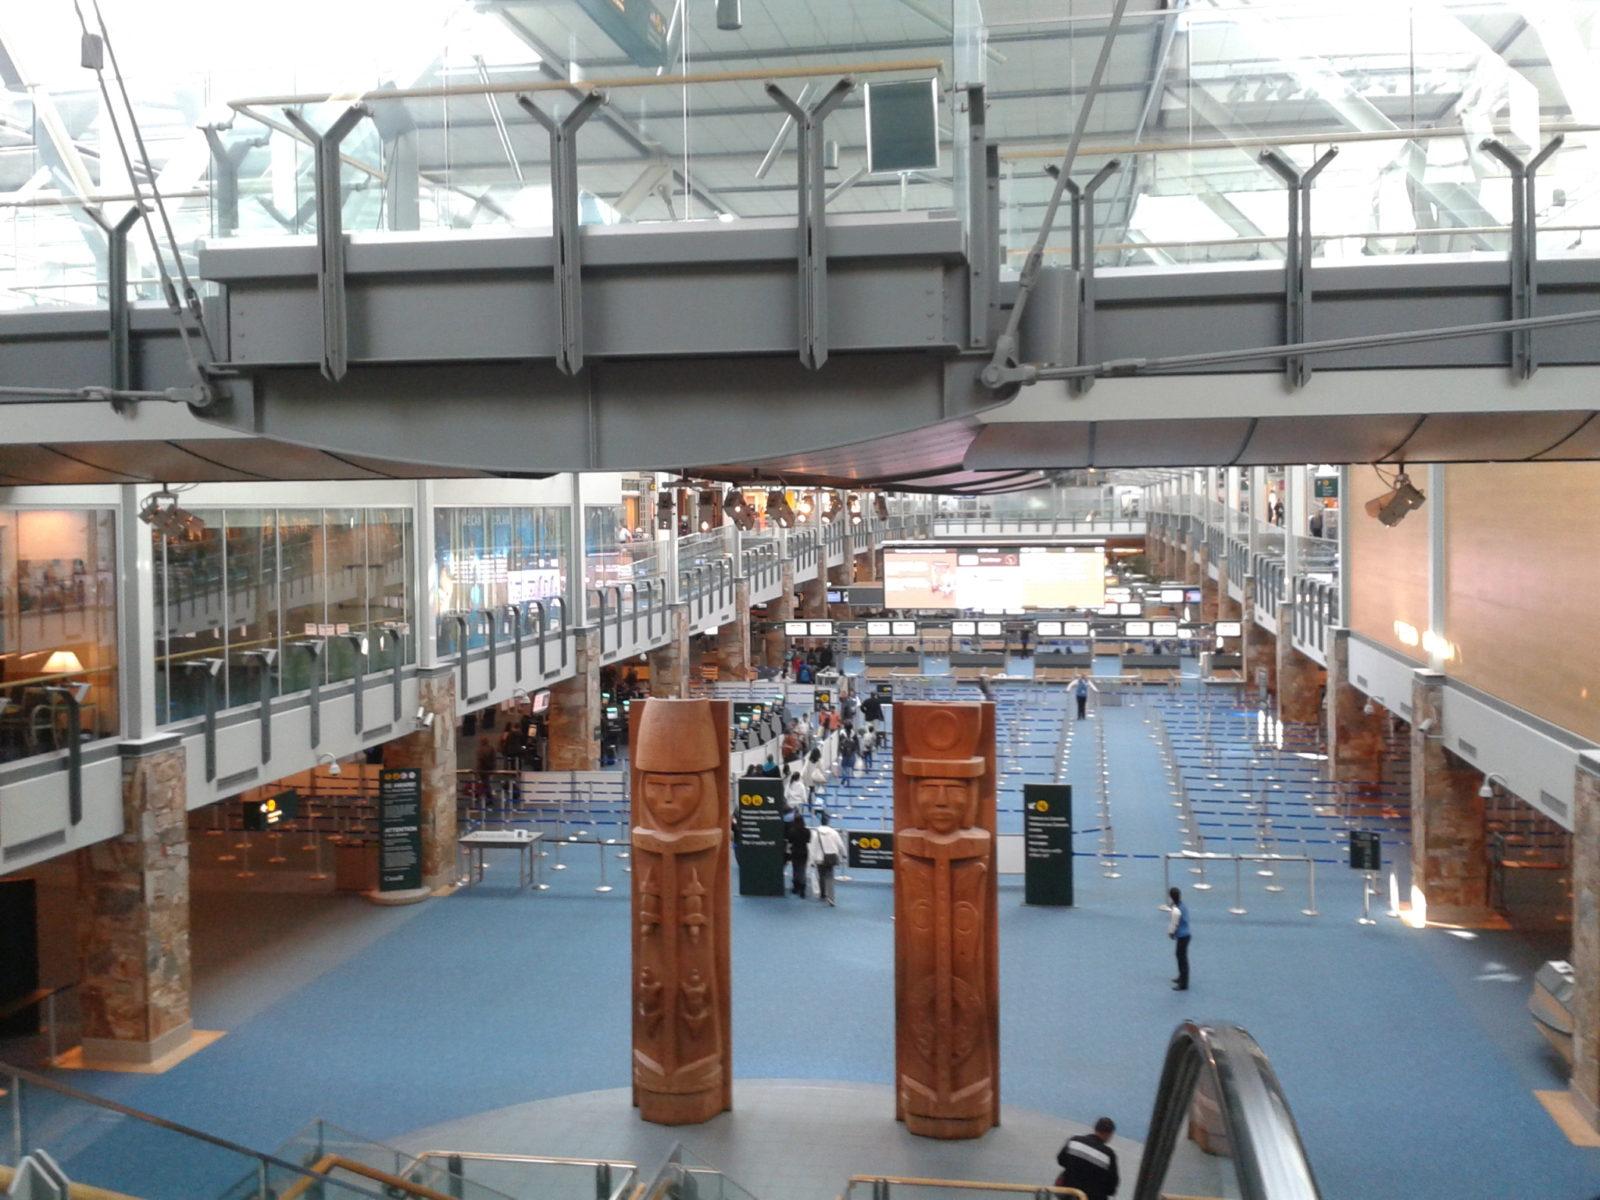 バンクーバー空港国際線到着から入国審査、税関までの流れを画像で説明。添乗員無しのツアーでもこれでばっちり!